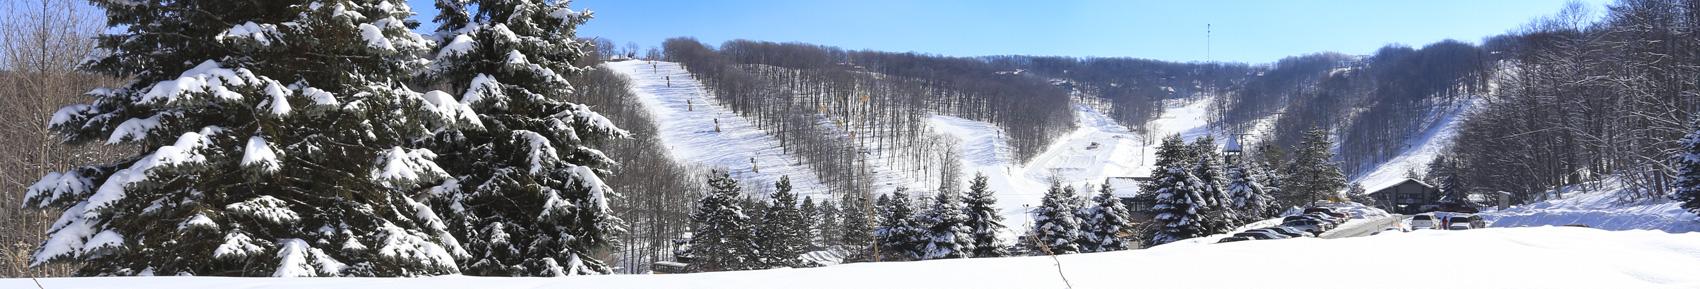 winter-scenic